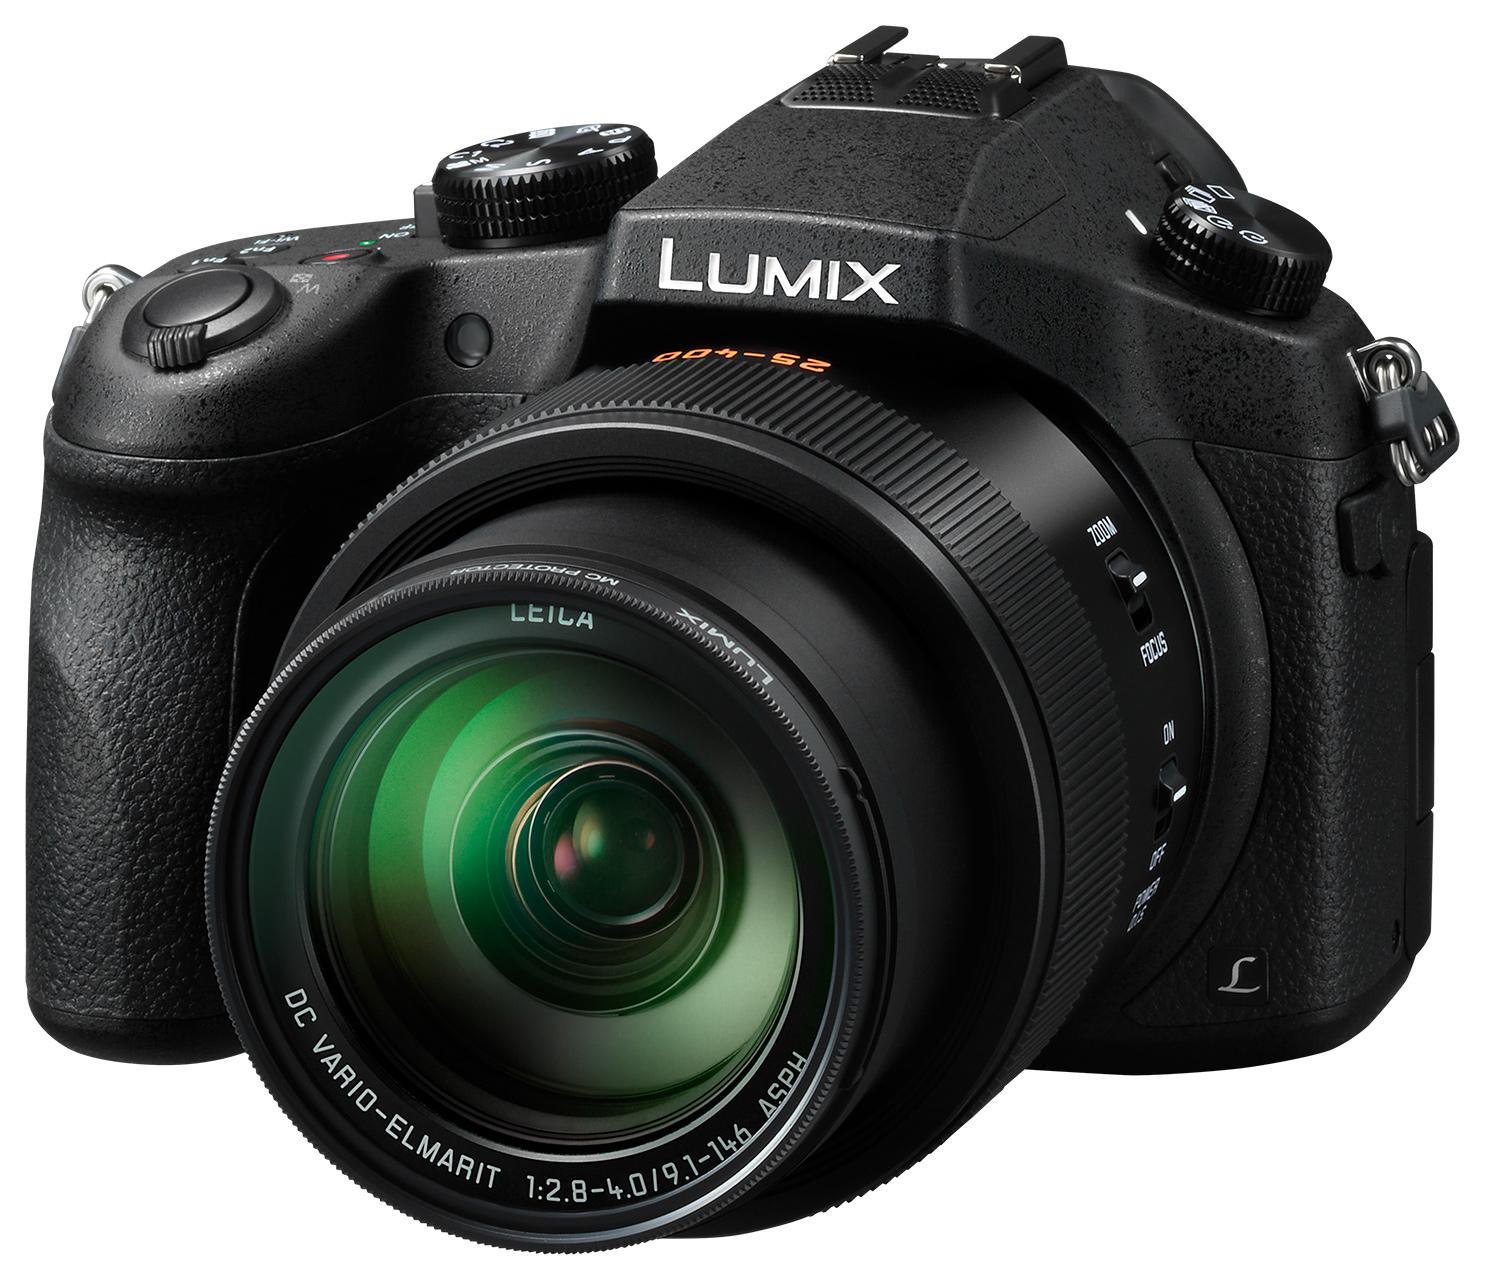 [Adhérent] Appareil photo bridge Panasonic Lumix FZ1000 + 105€ en chèque cadeau